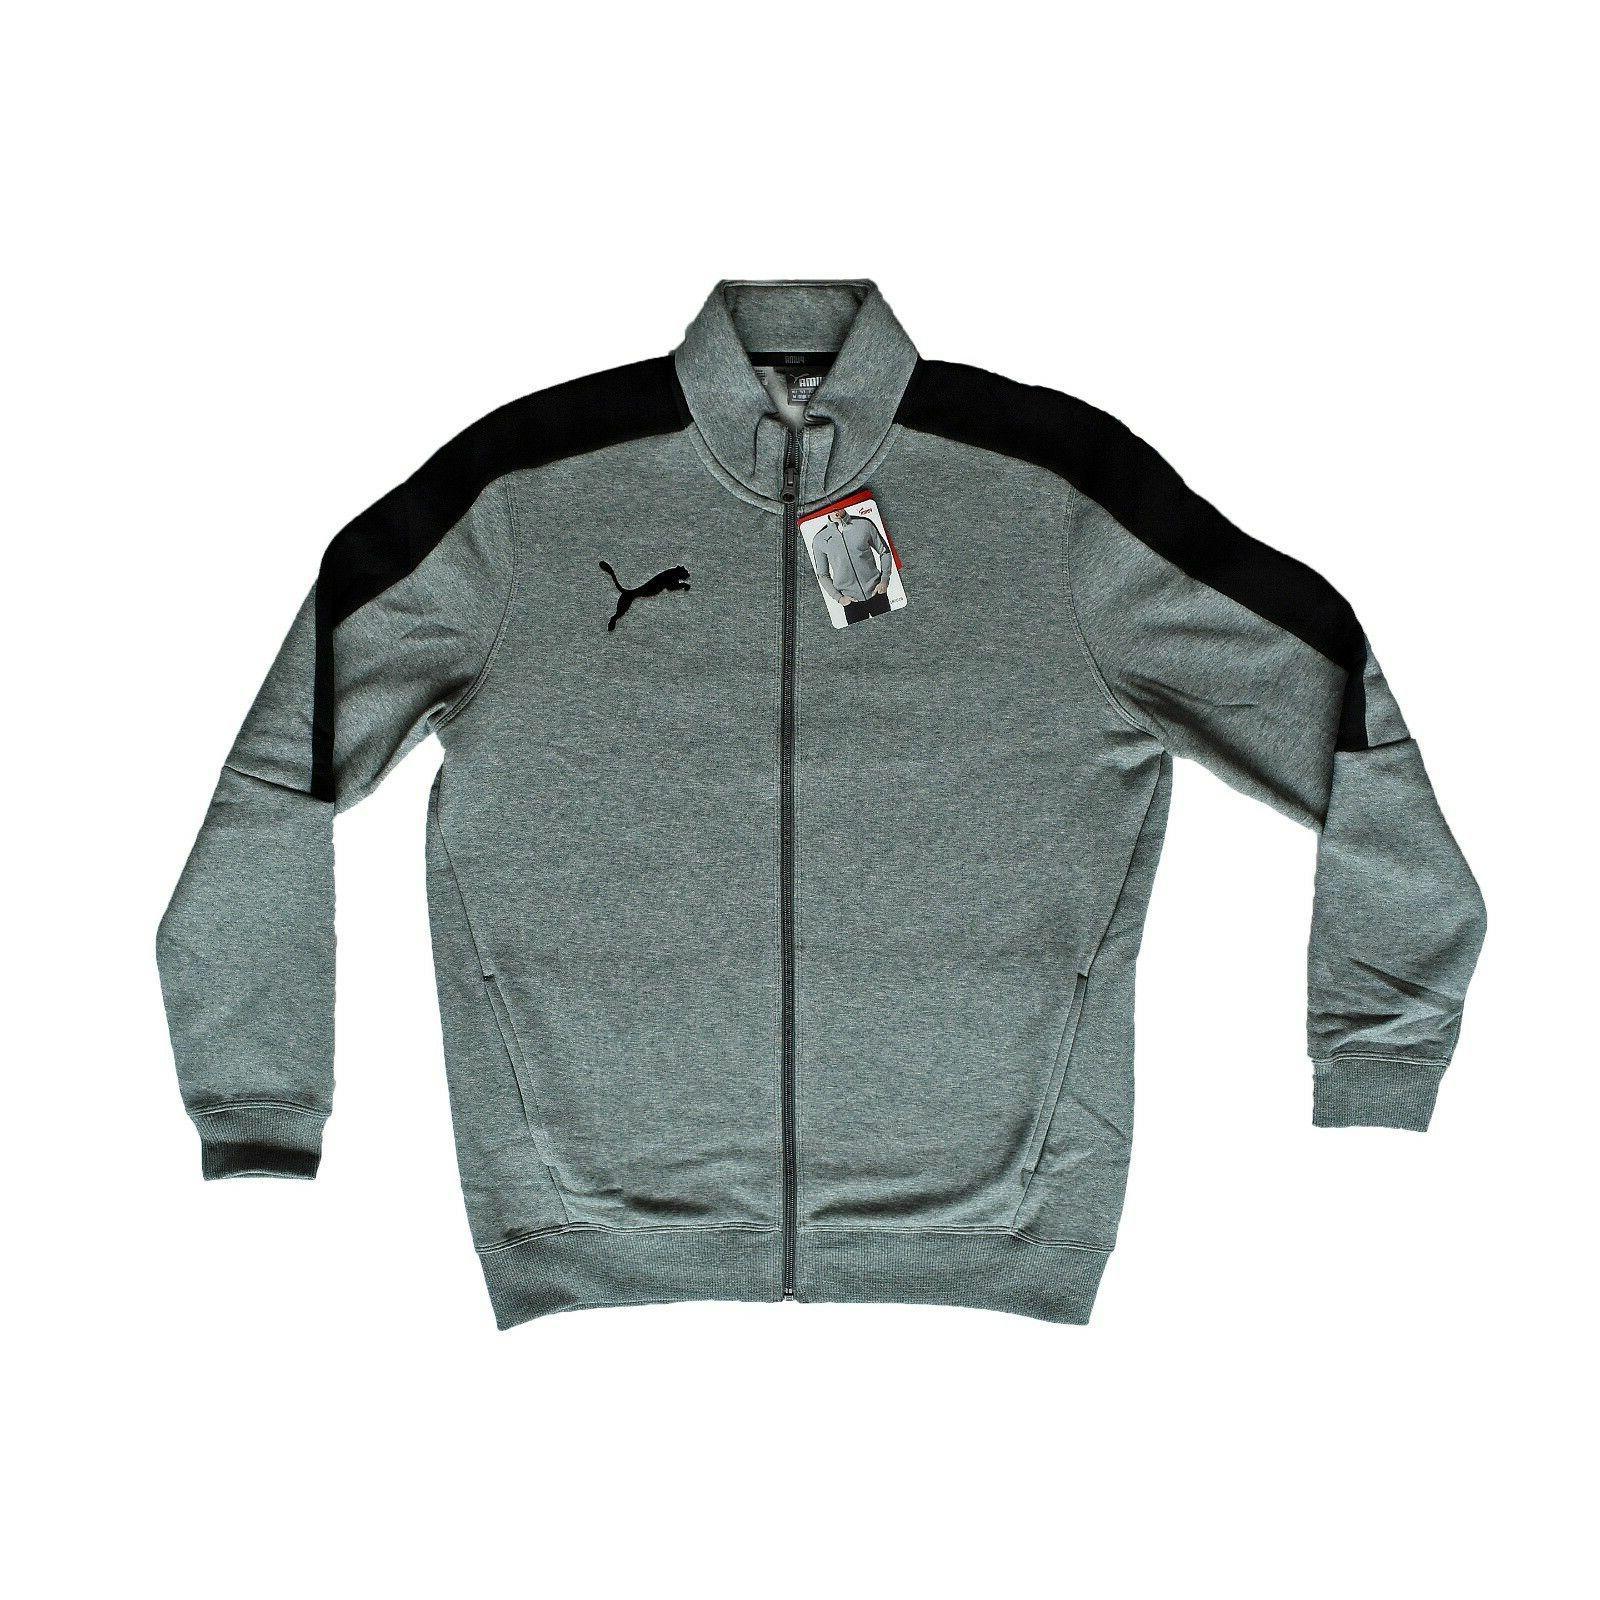 Men's Puma Track Jacket, Color Medium Grey, Sizes M, L, XL